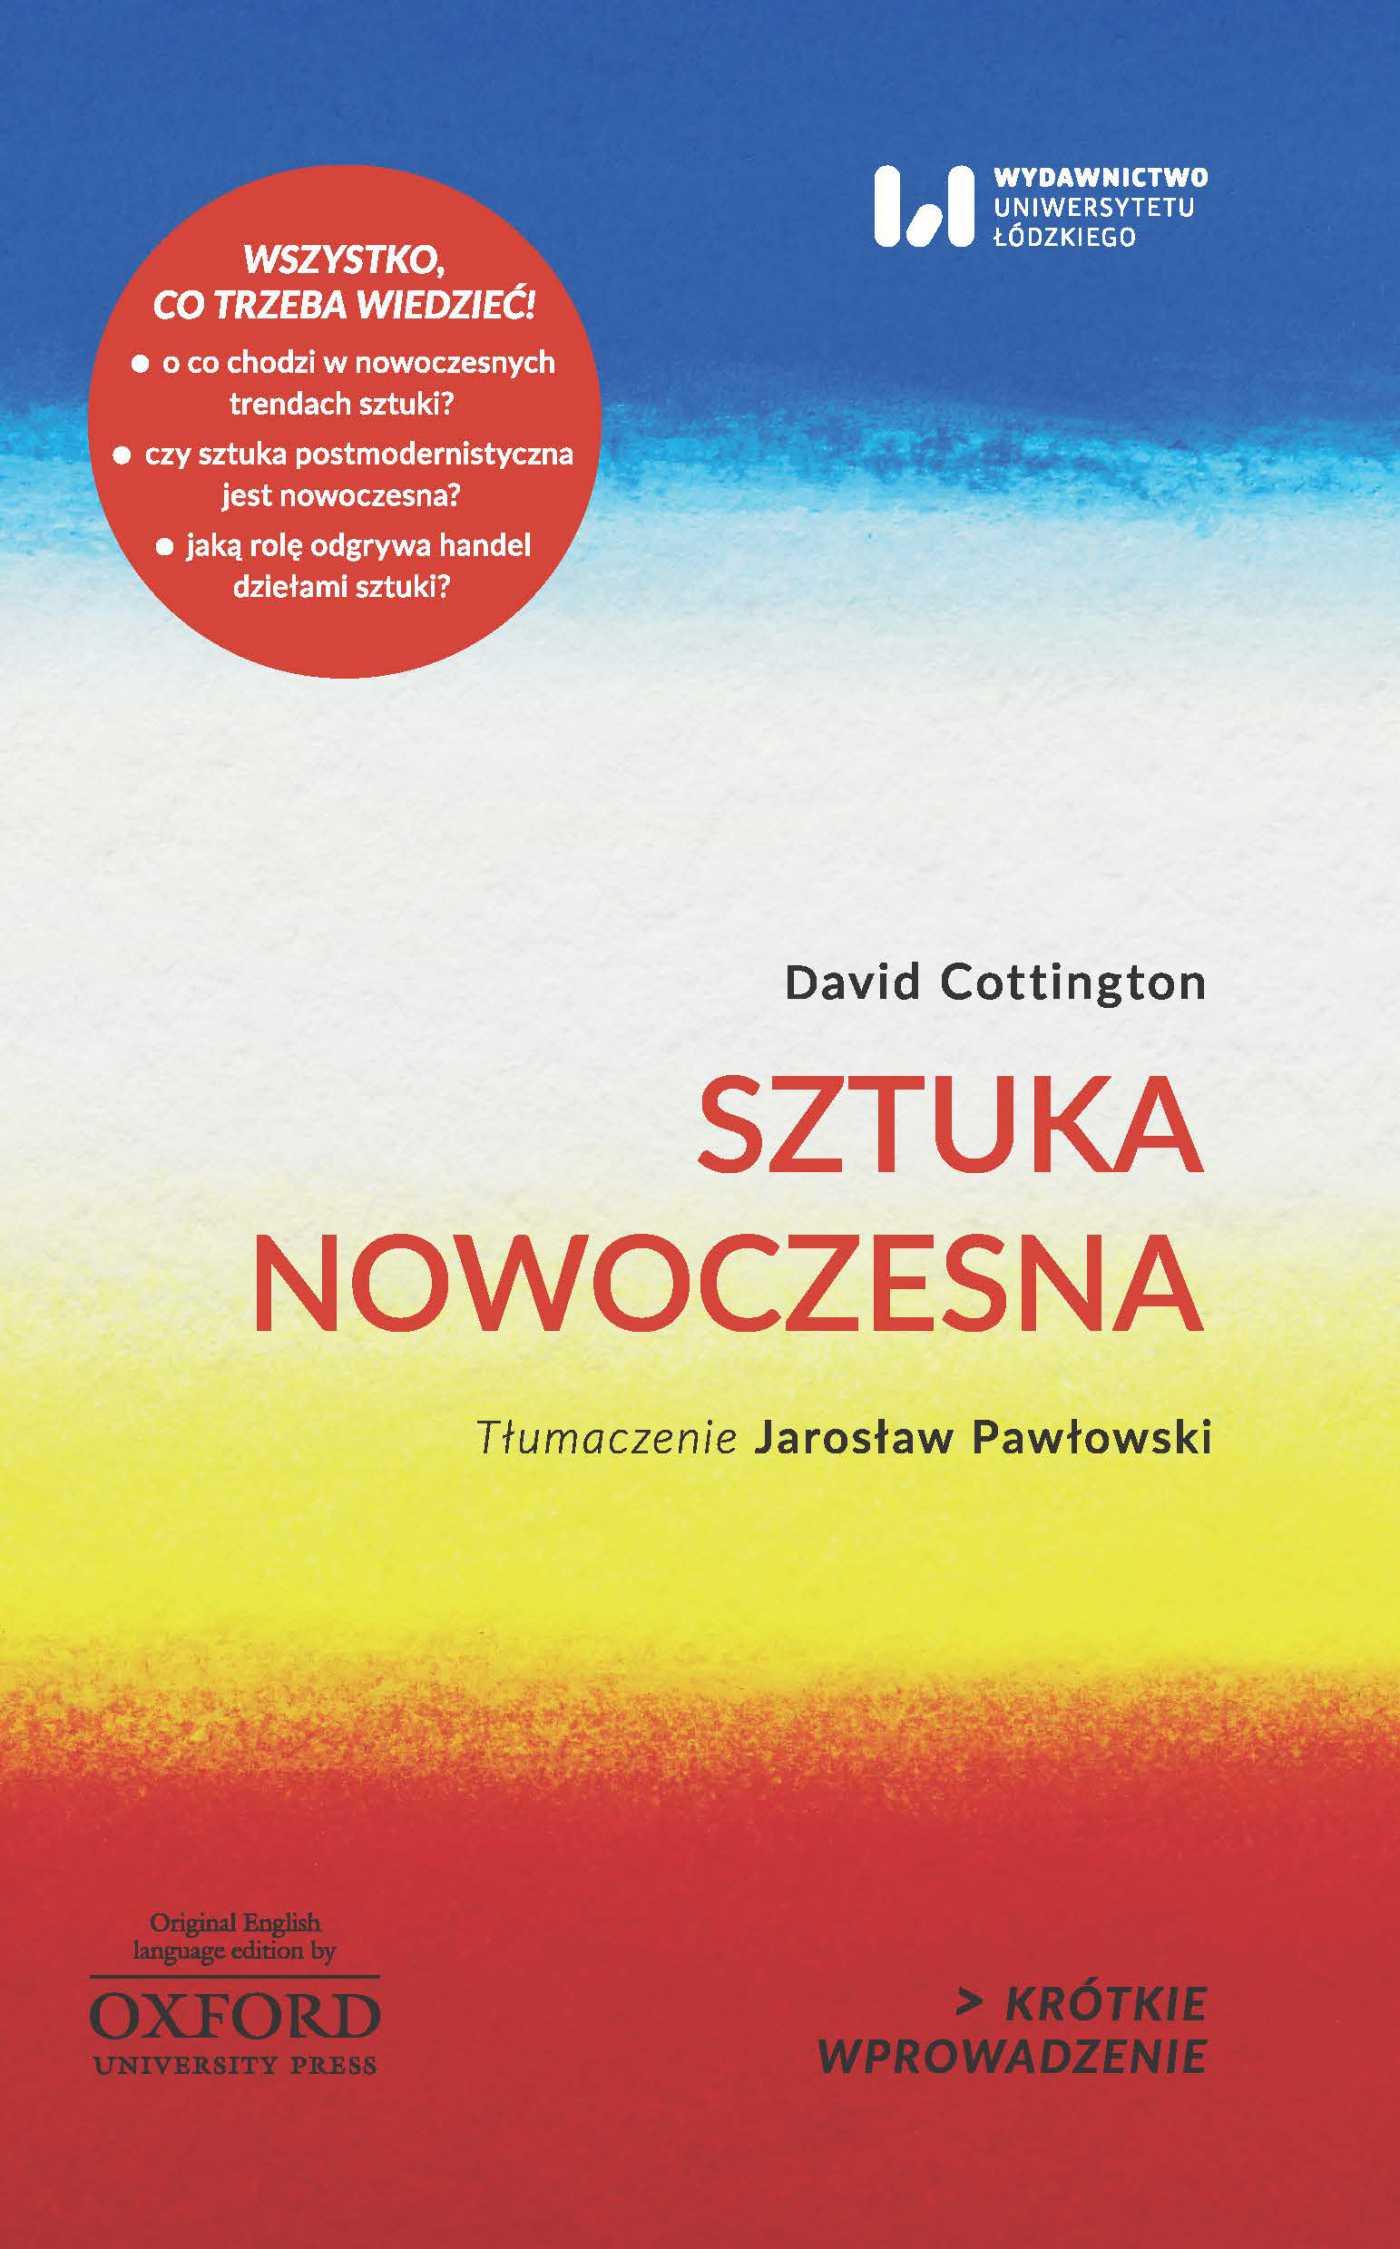 Sztuka nowoczesna. Krótkie wprowadzenie 9 - Ebook (Książka PDF) do pobrania w formacie PDF